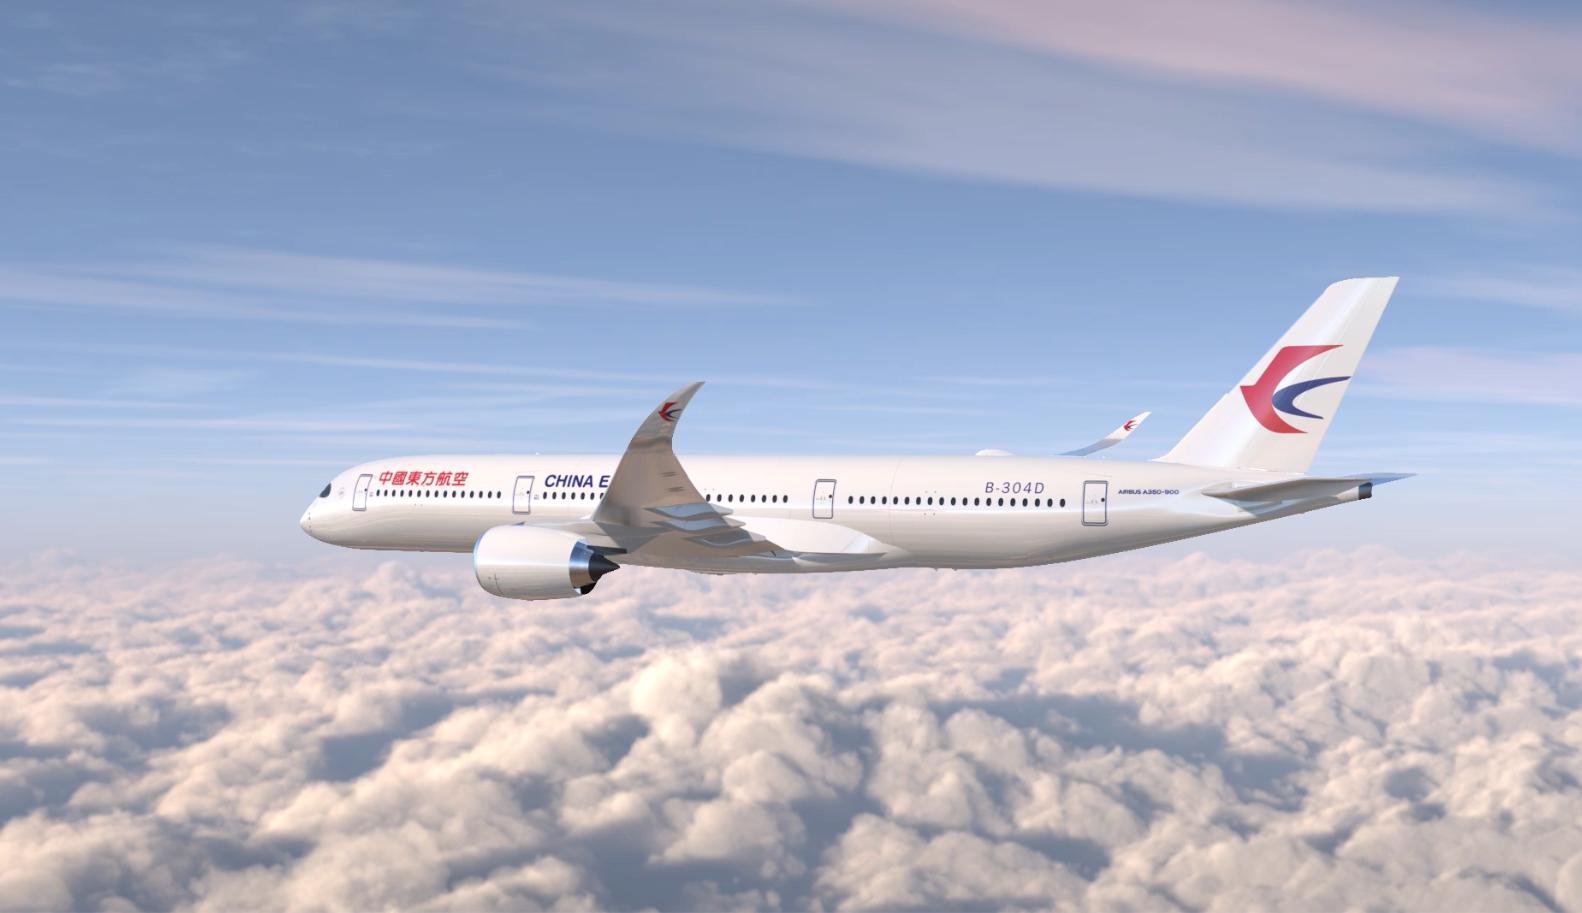 全球首发包厢式公务舱 东航空客A350-900飞抵上海虹桥机场